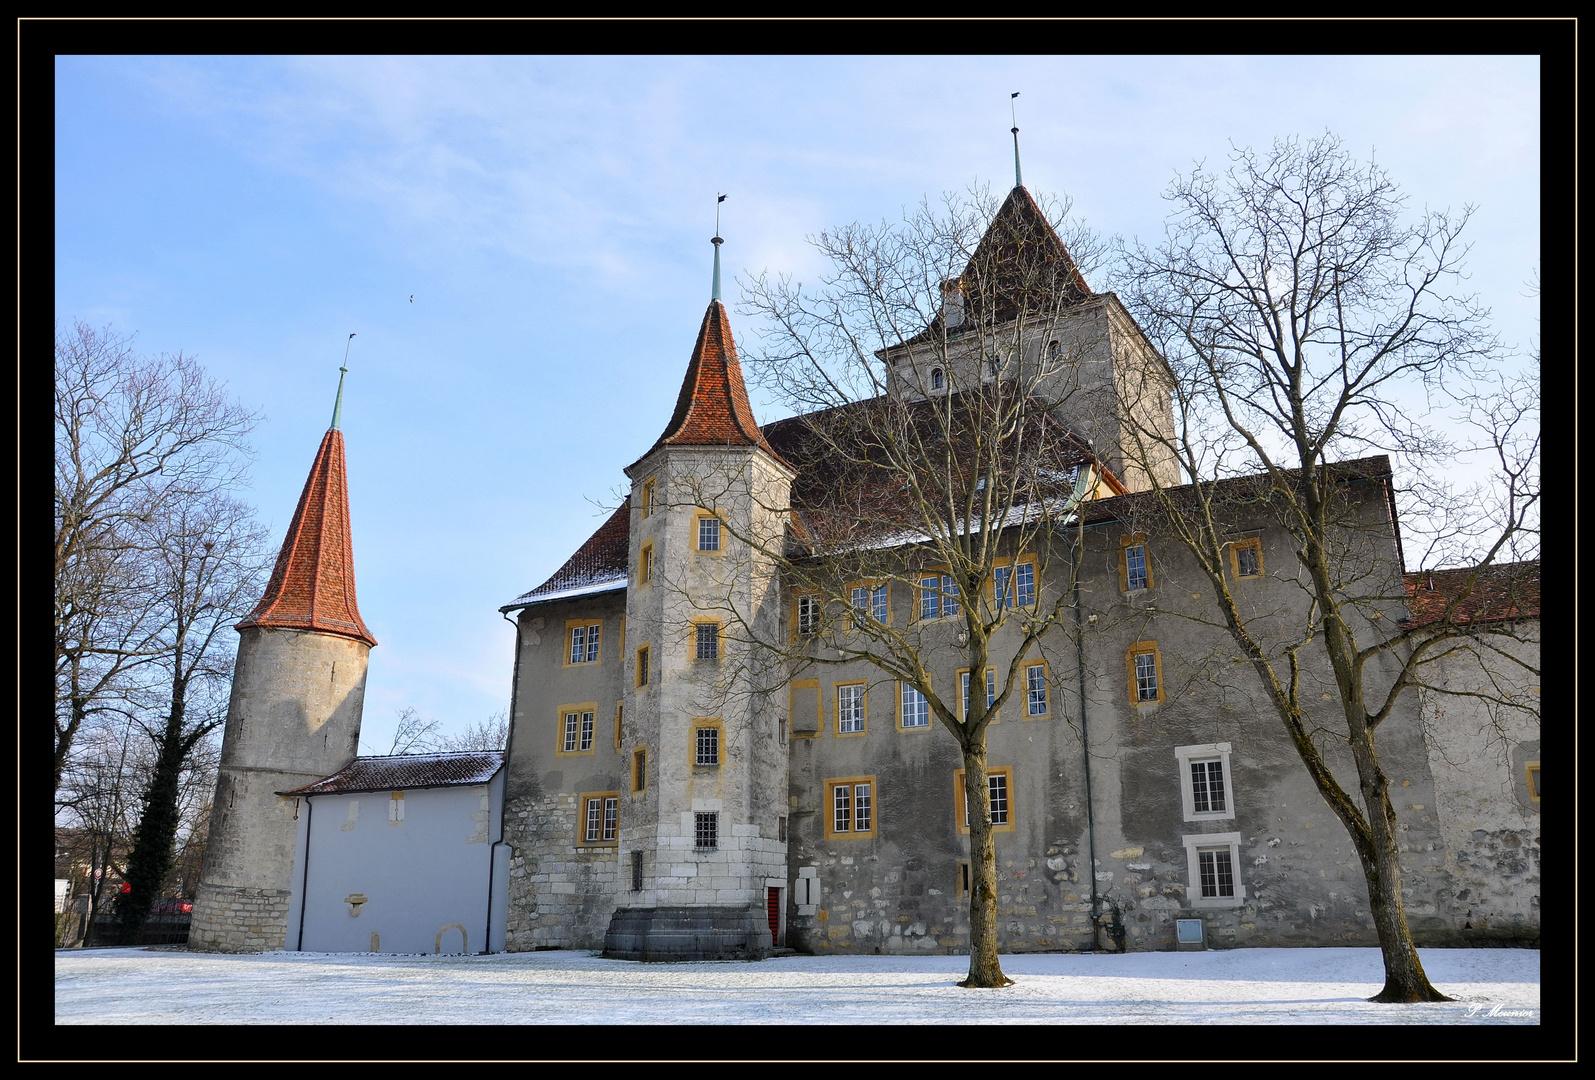 Le château de Nidau